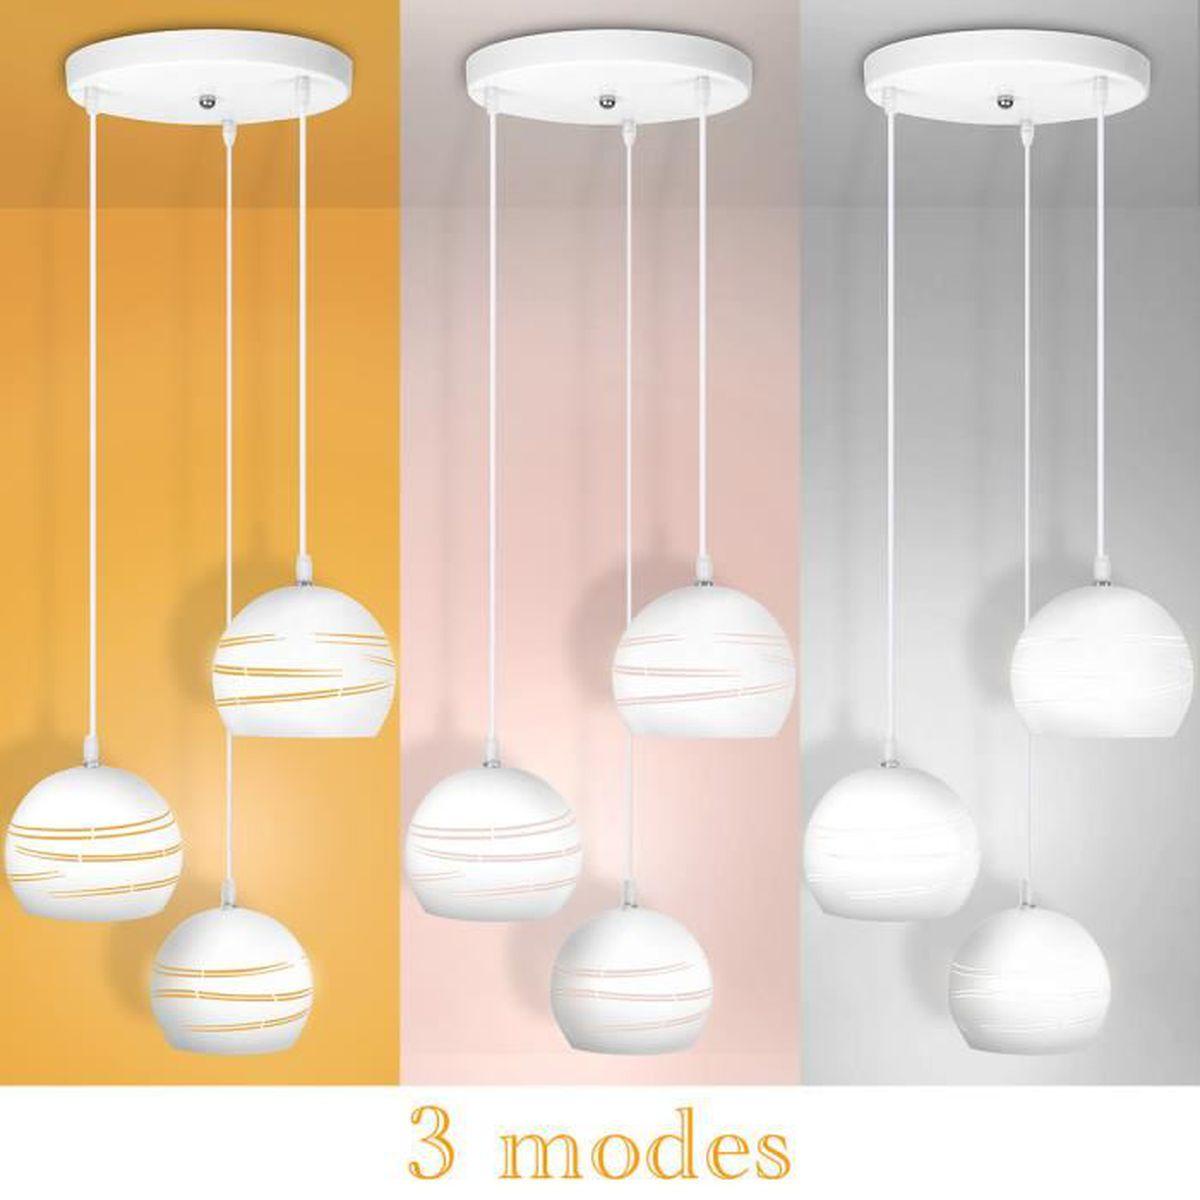 #B87913 21W Lampe Suspendue Moderne Applique Lustres Réglables à 3  4733 lustre pour salle a manger moderne 1200x1200 px @ aertt.com